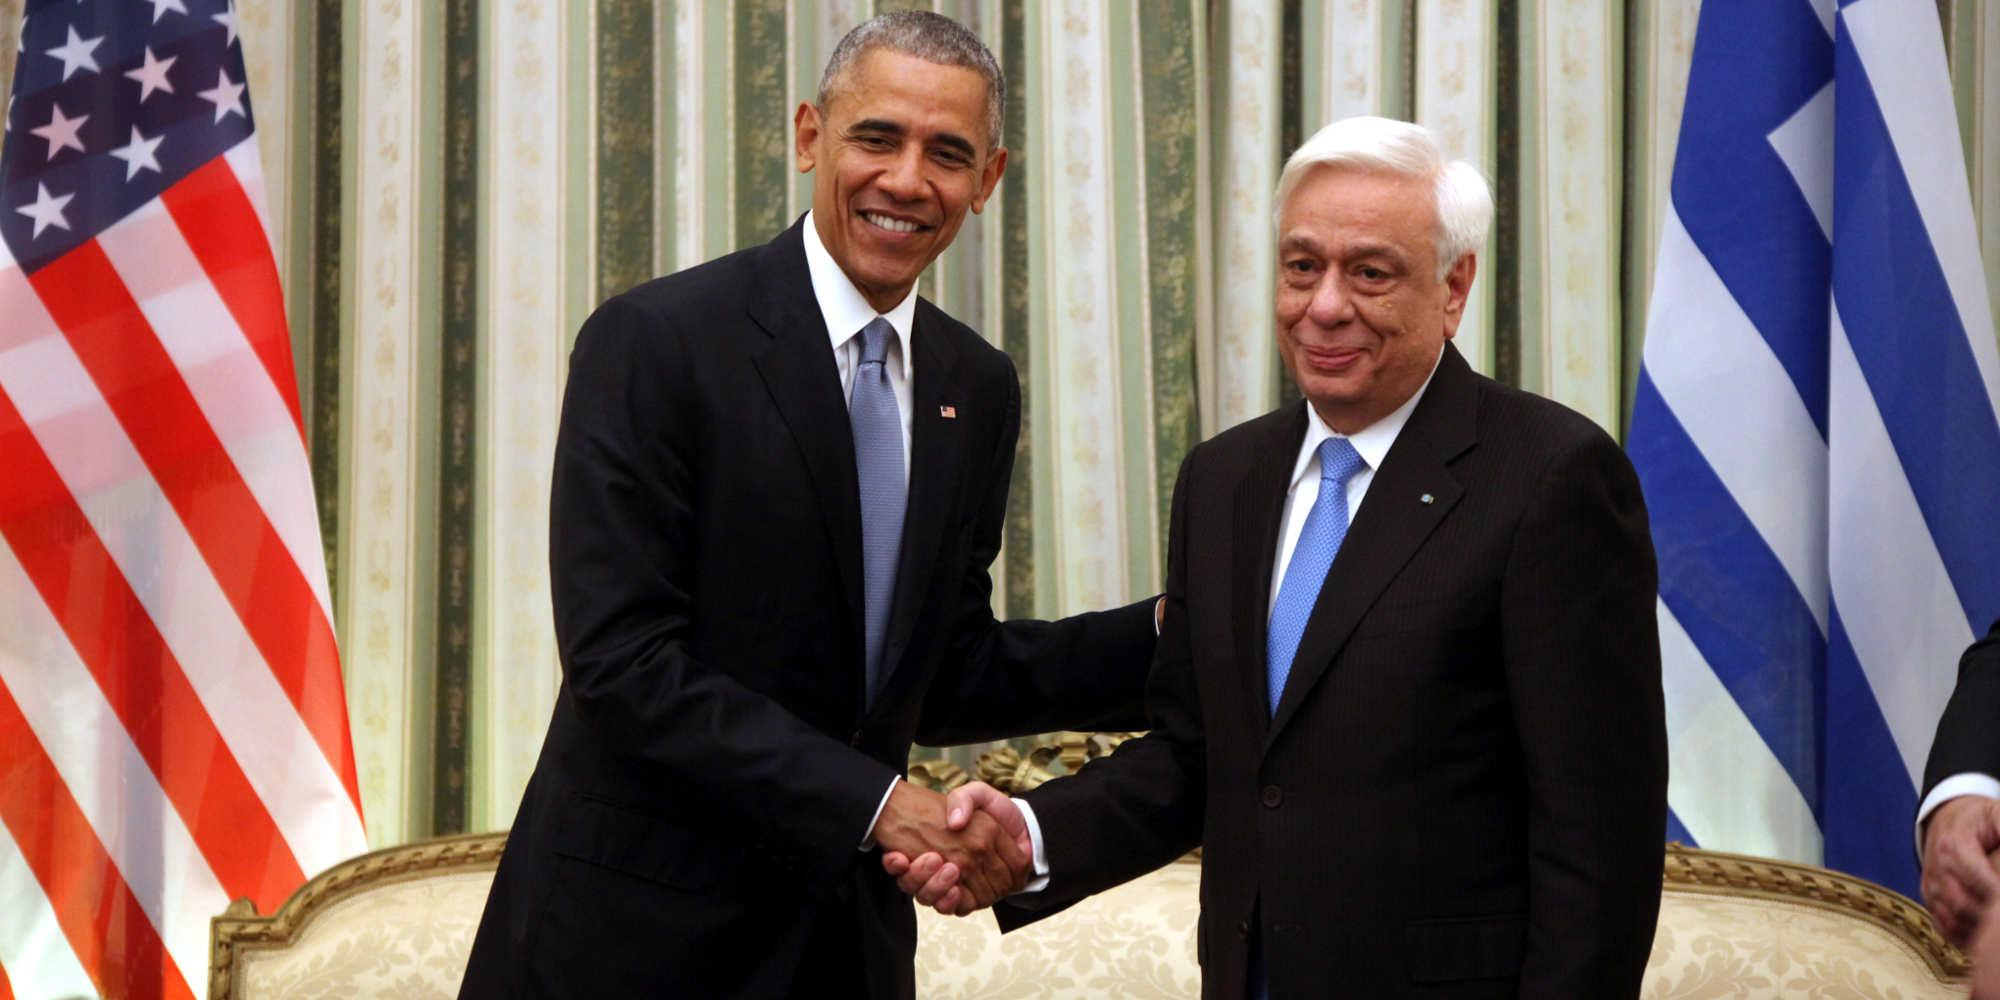 Η χειραψία του Προέδρου των ΗΠΑ, Barack Obama, με τον ομόλογό του, Προκόπη Παυλόπουλο, κατά τη διάρκεια της επίσκεψης του Αμερικανού Προέδρου στο Προεδρικό Μέγαρο.